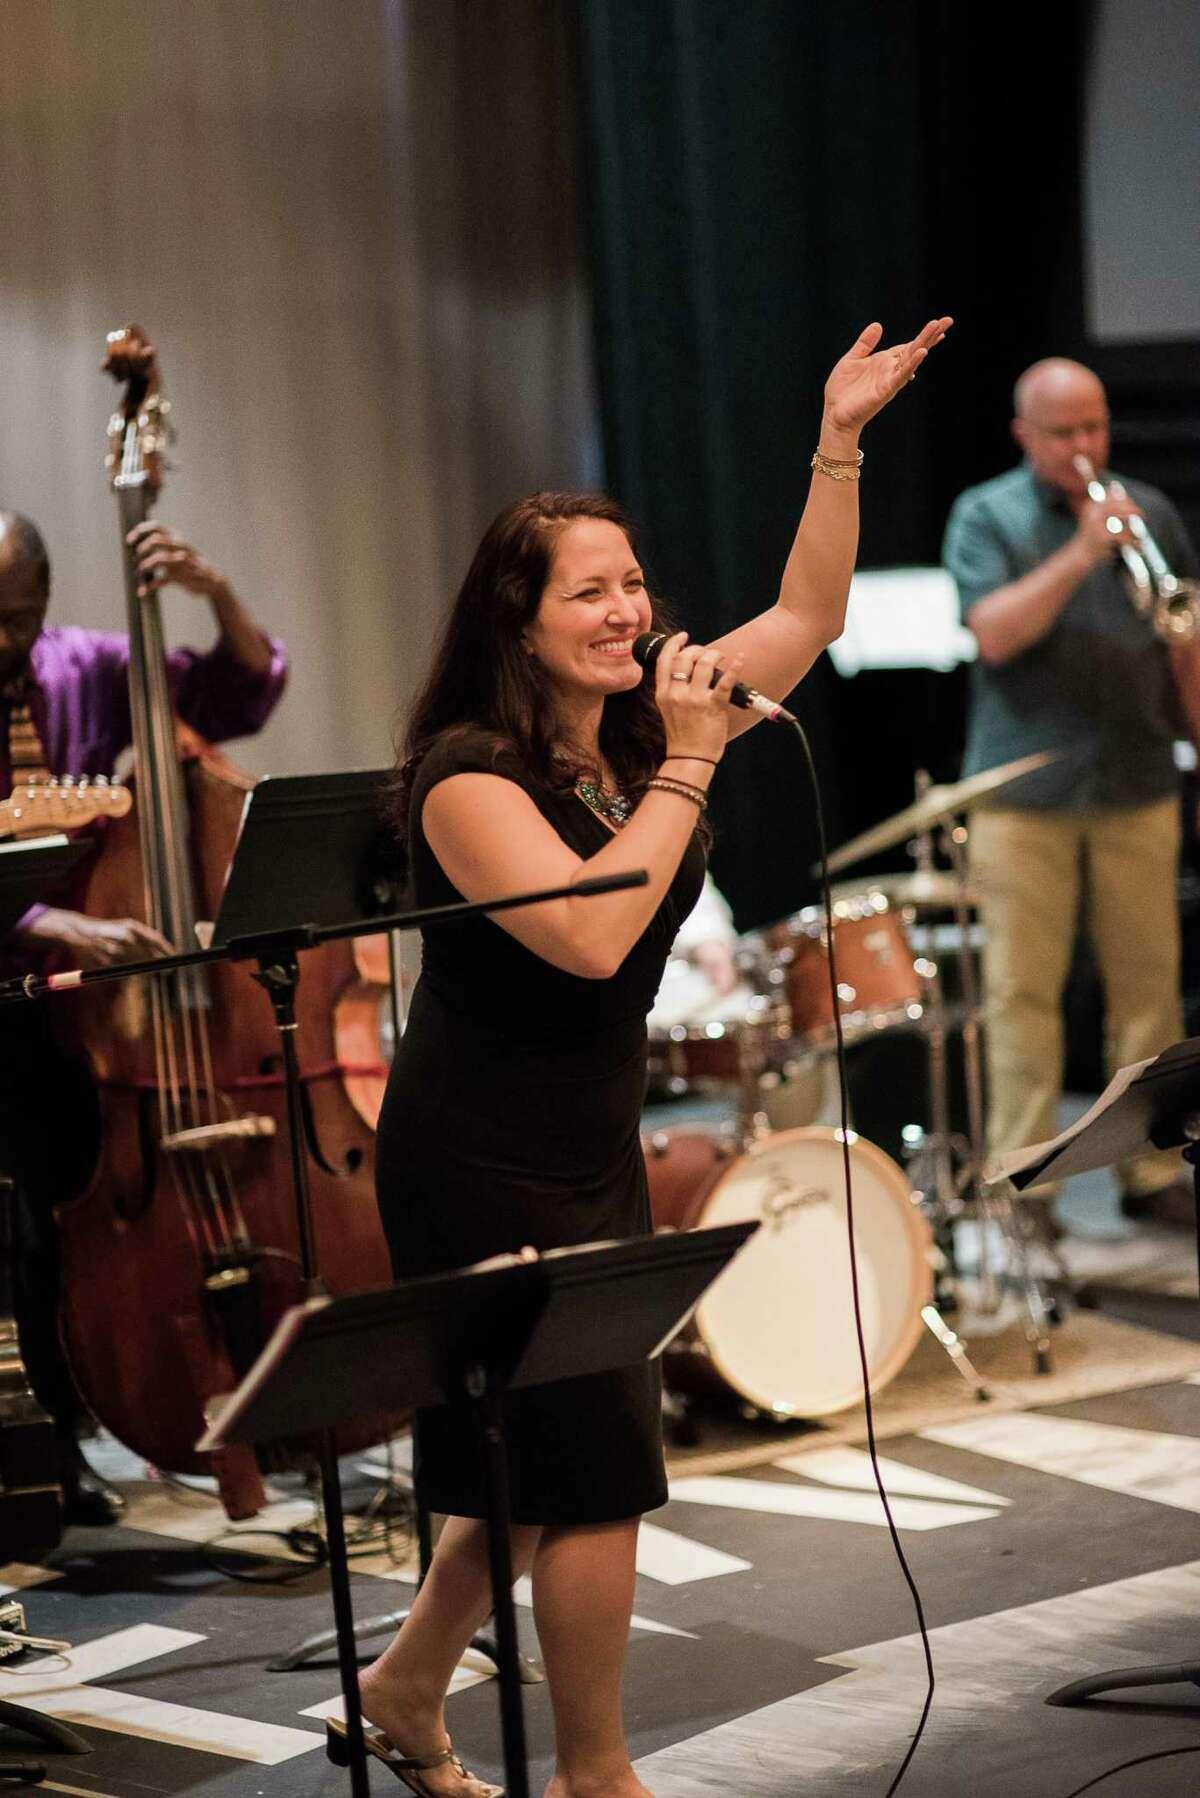 Nicole Zuraitis performs at last year's Jazz After Work series.